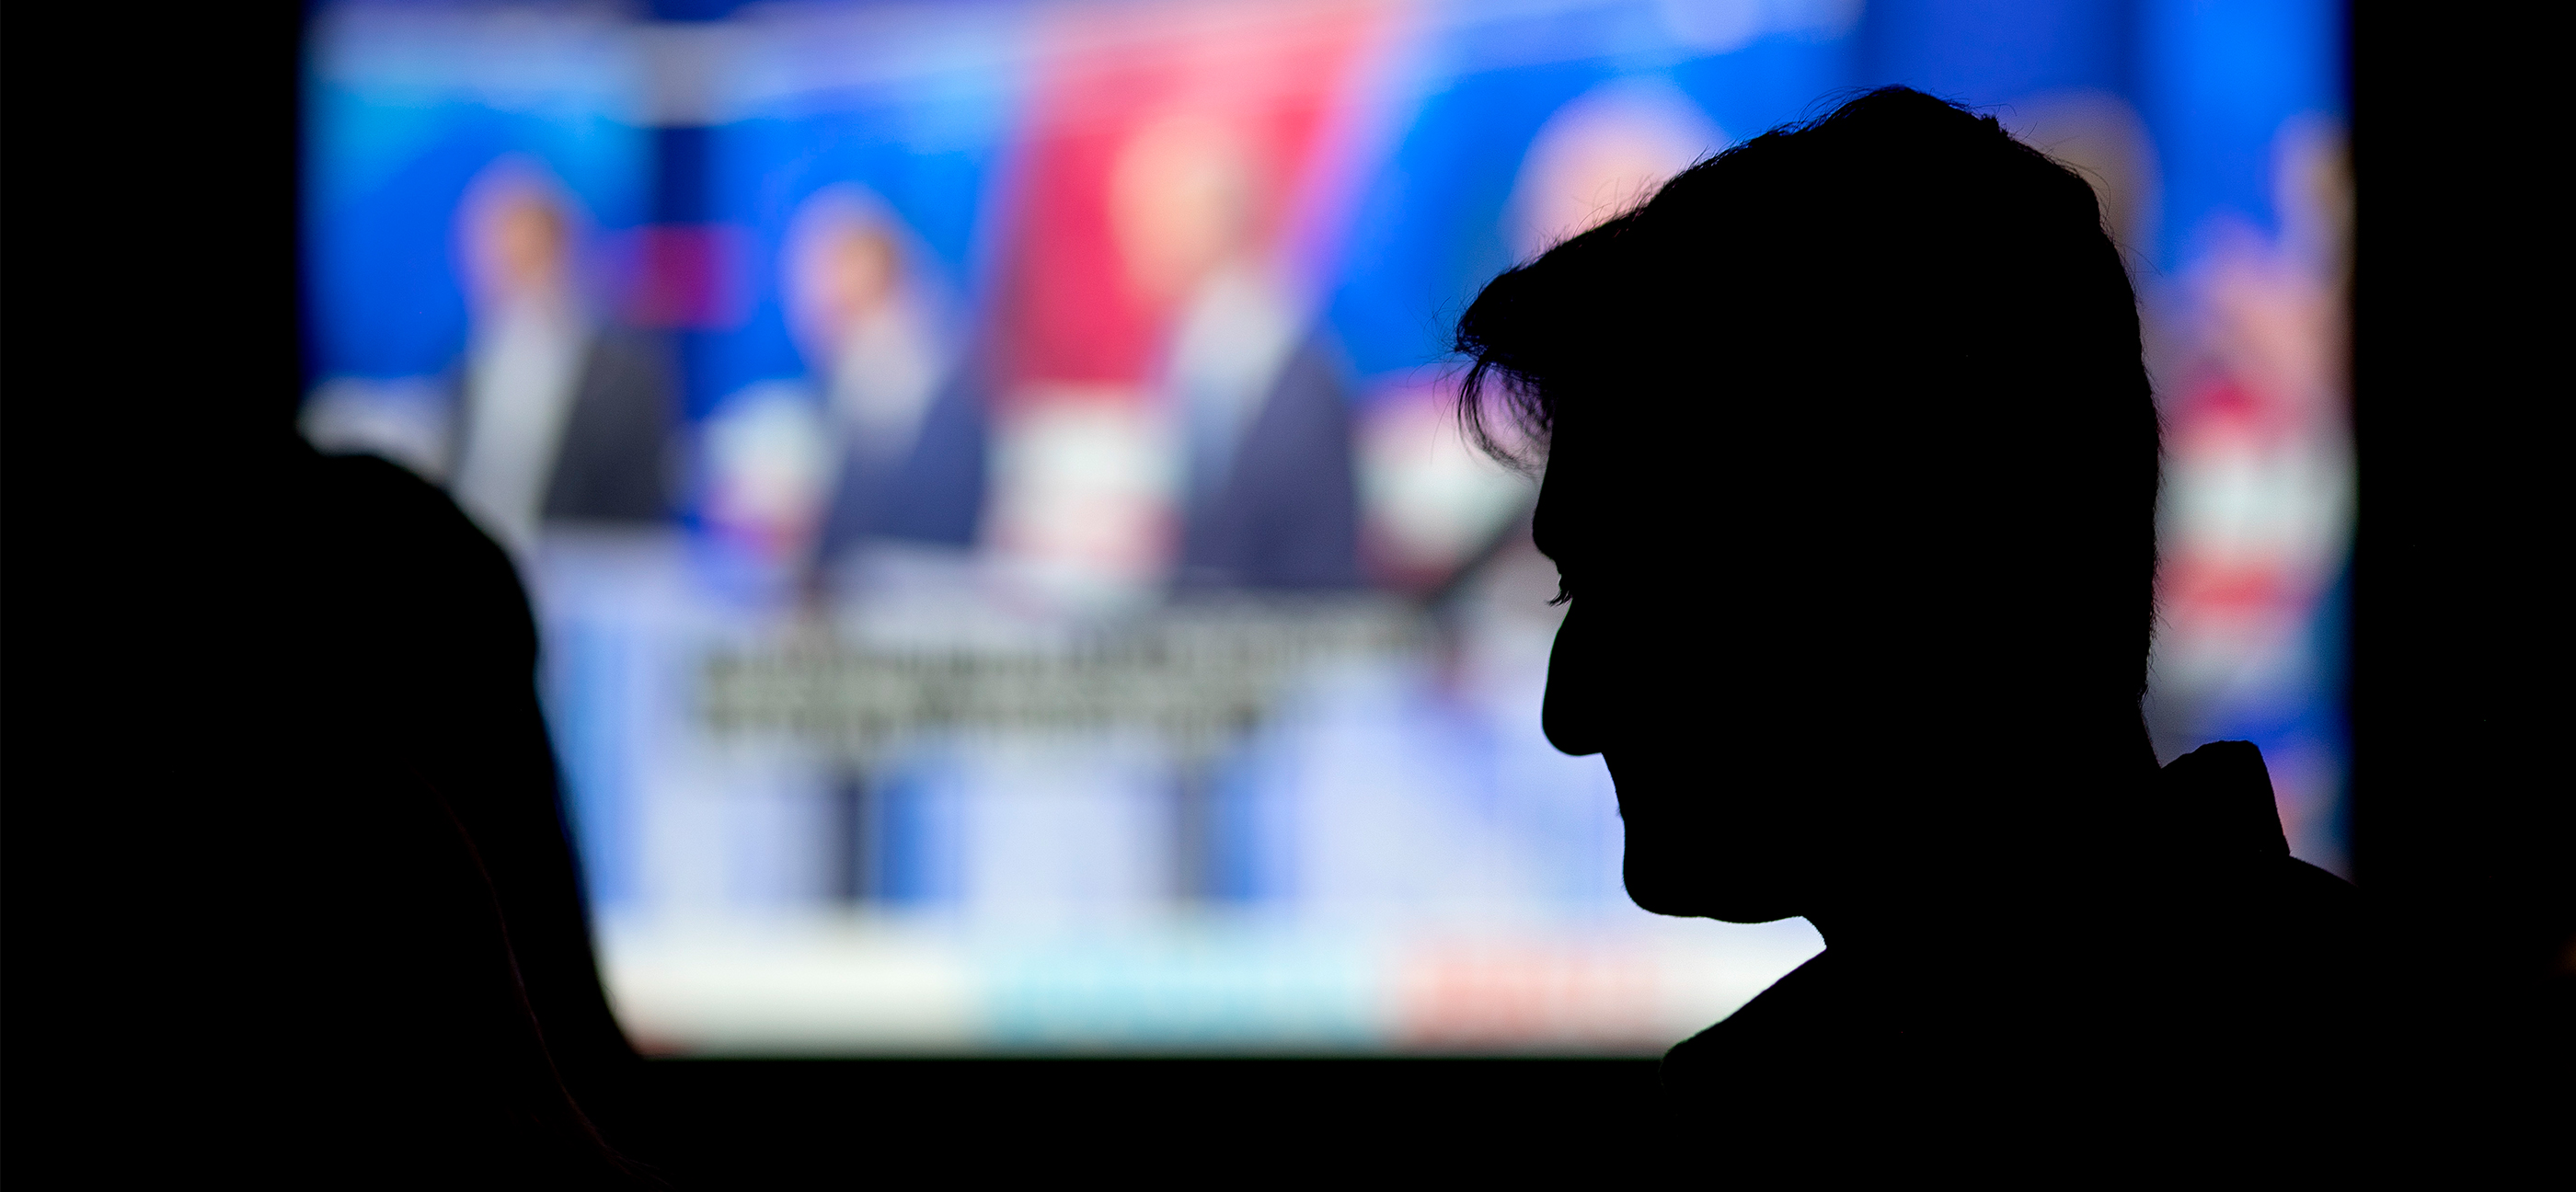 Do TV Debates Sway Voters?